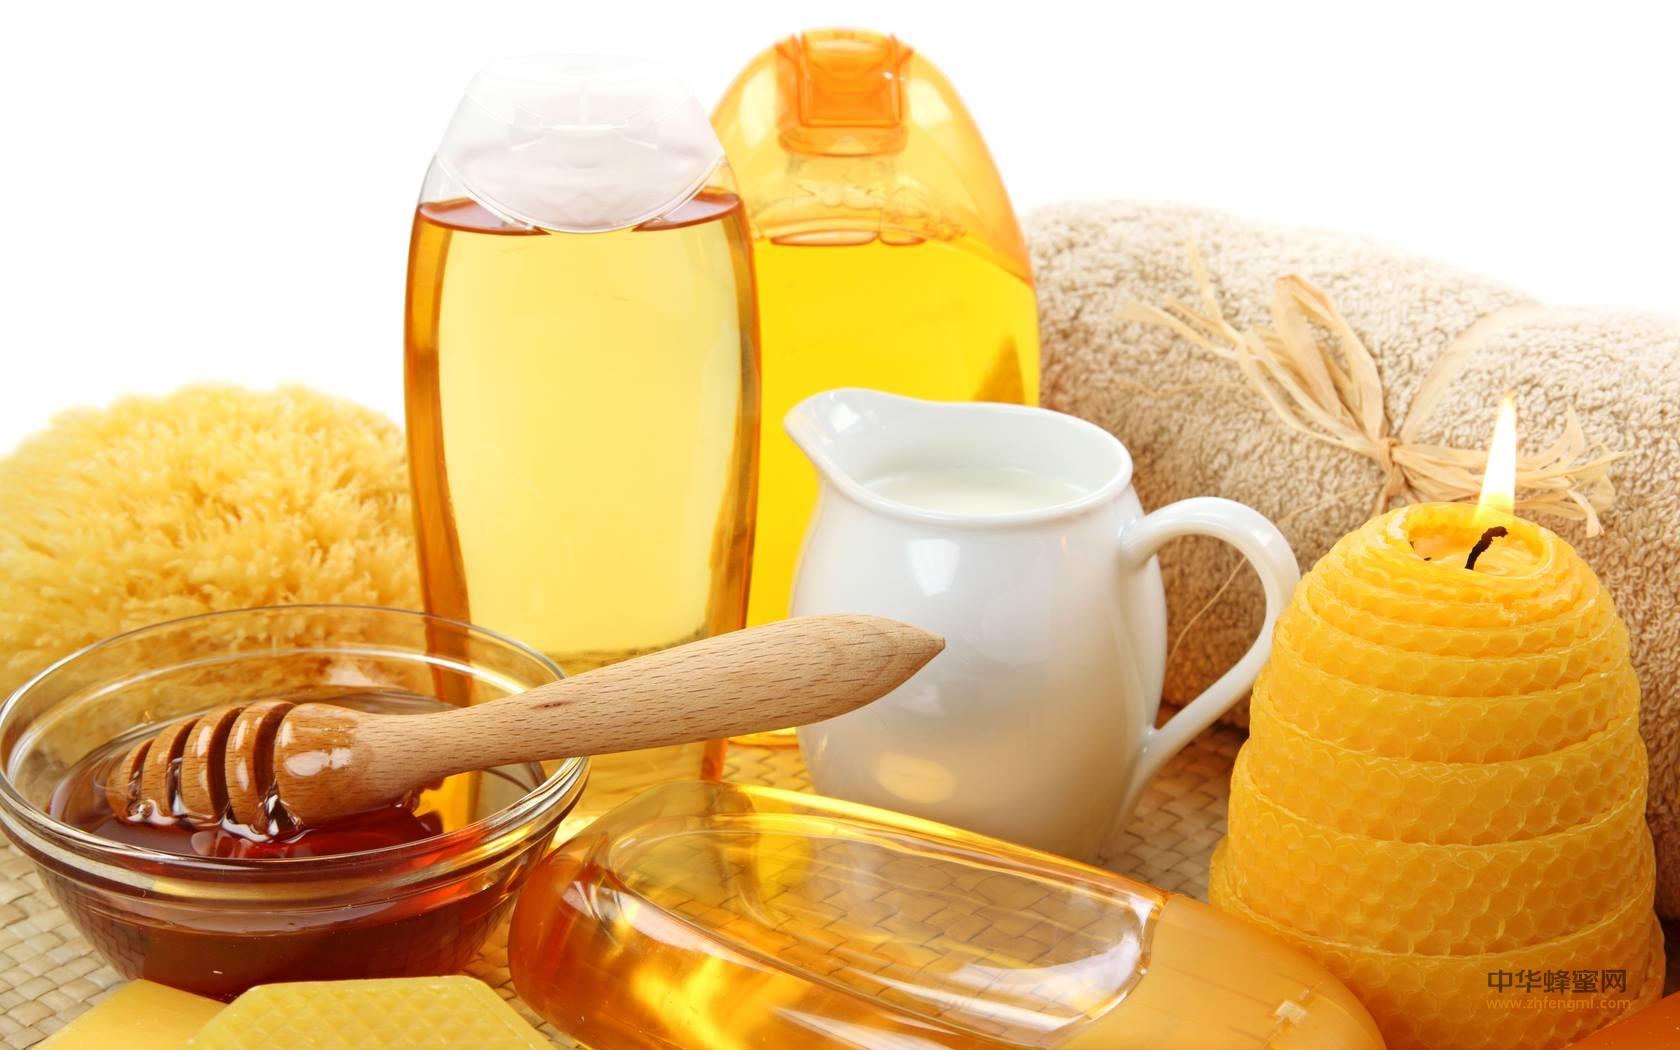 蜂蜡 分类 蜂产品